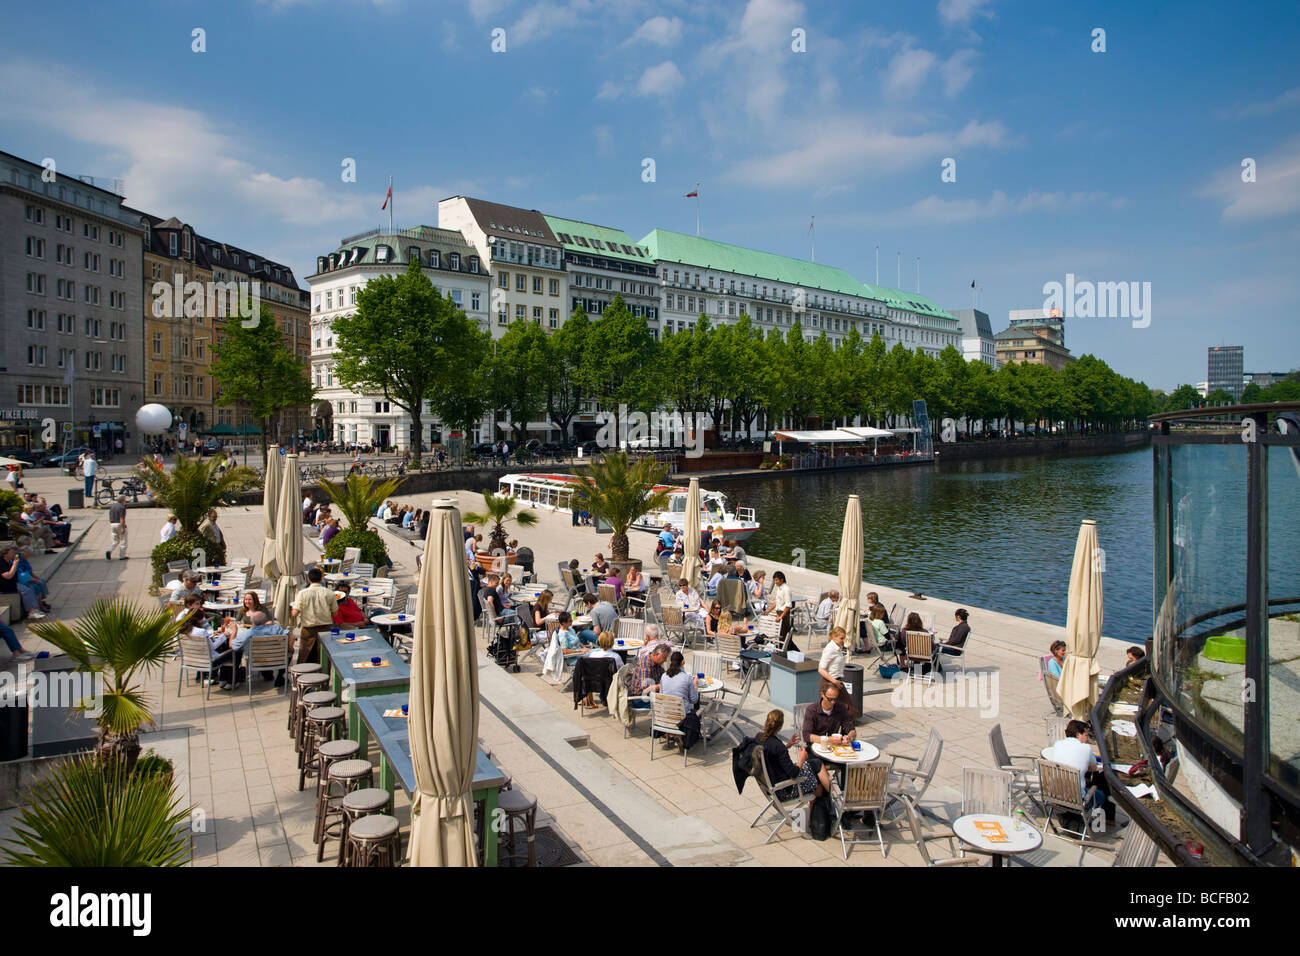 World Cafe Hamburg